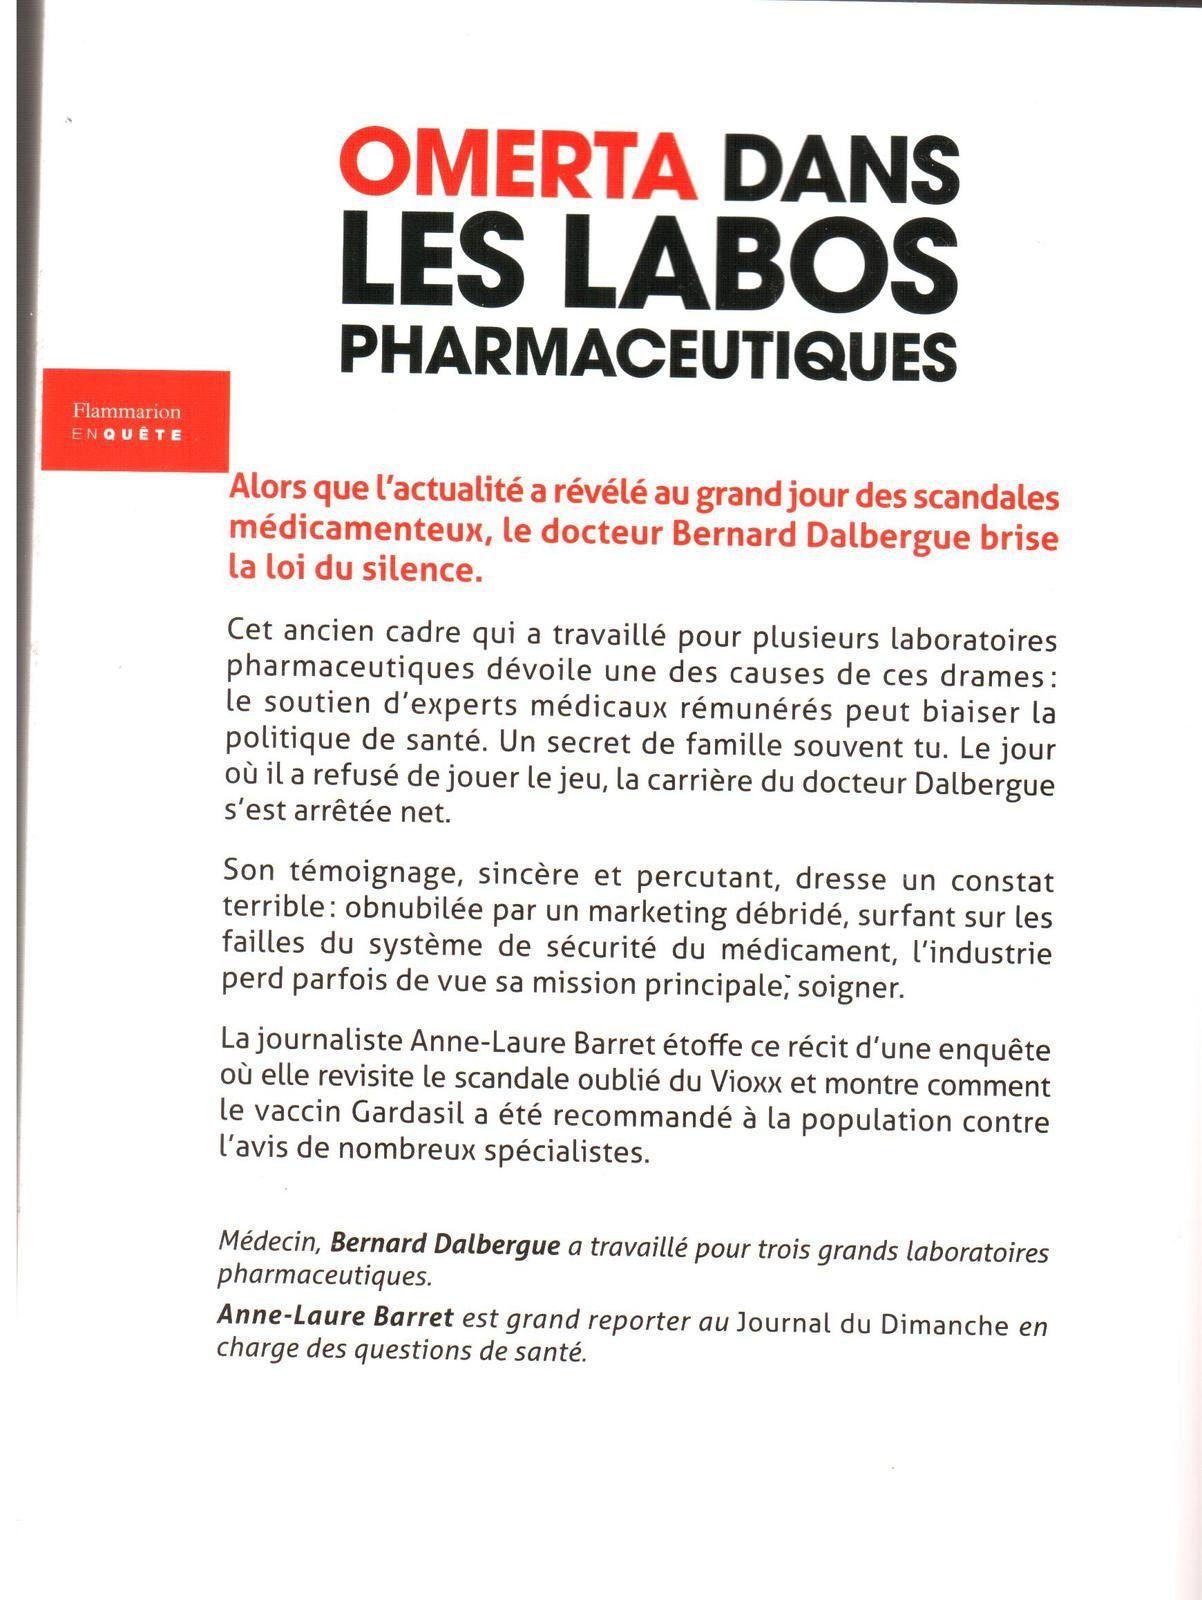 Omerta dans les labos pharmaceutiques : un livre qui décoiffe